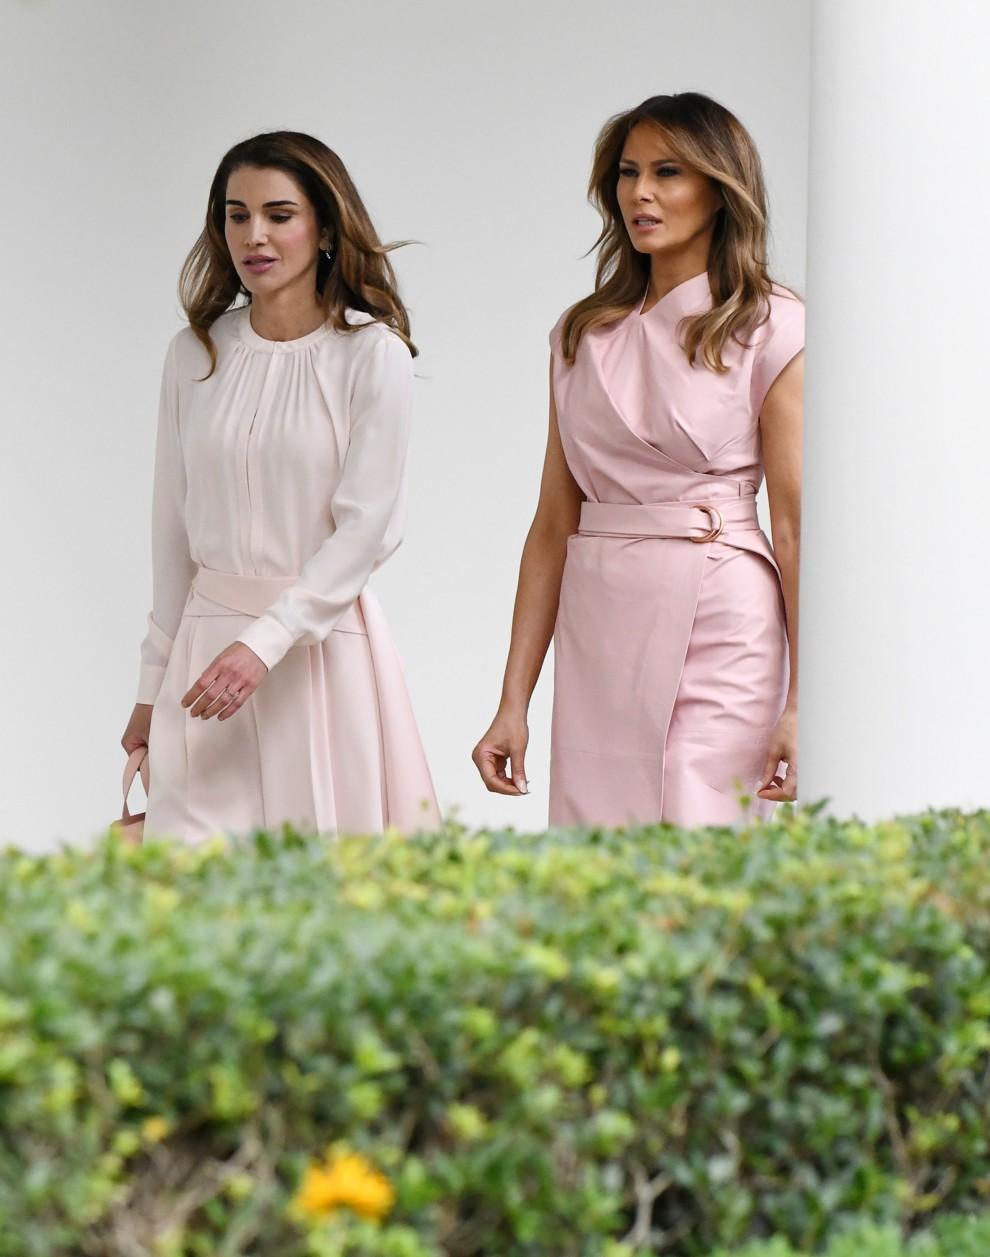 5b315af8a4d91 - Мелания Трамп и королева Рания: встреча женственных натур